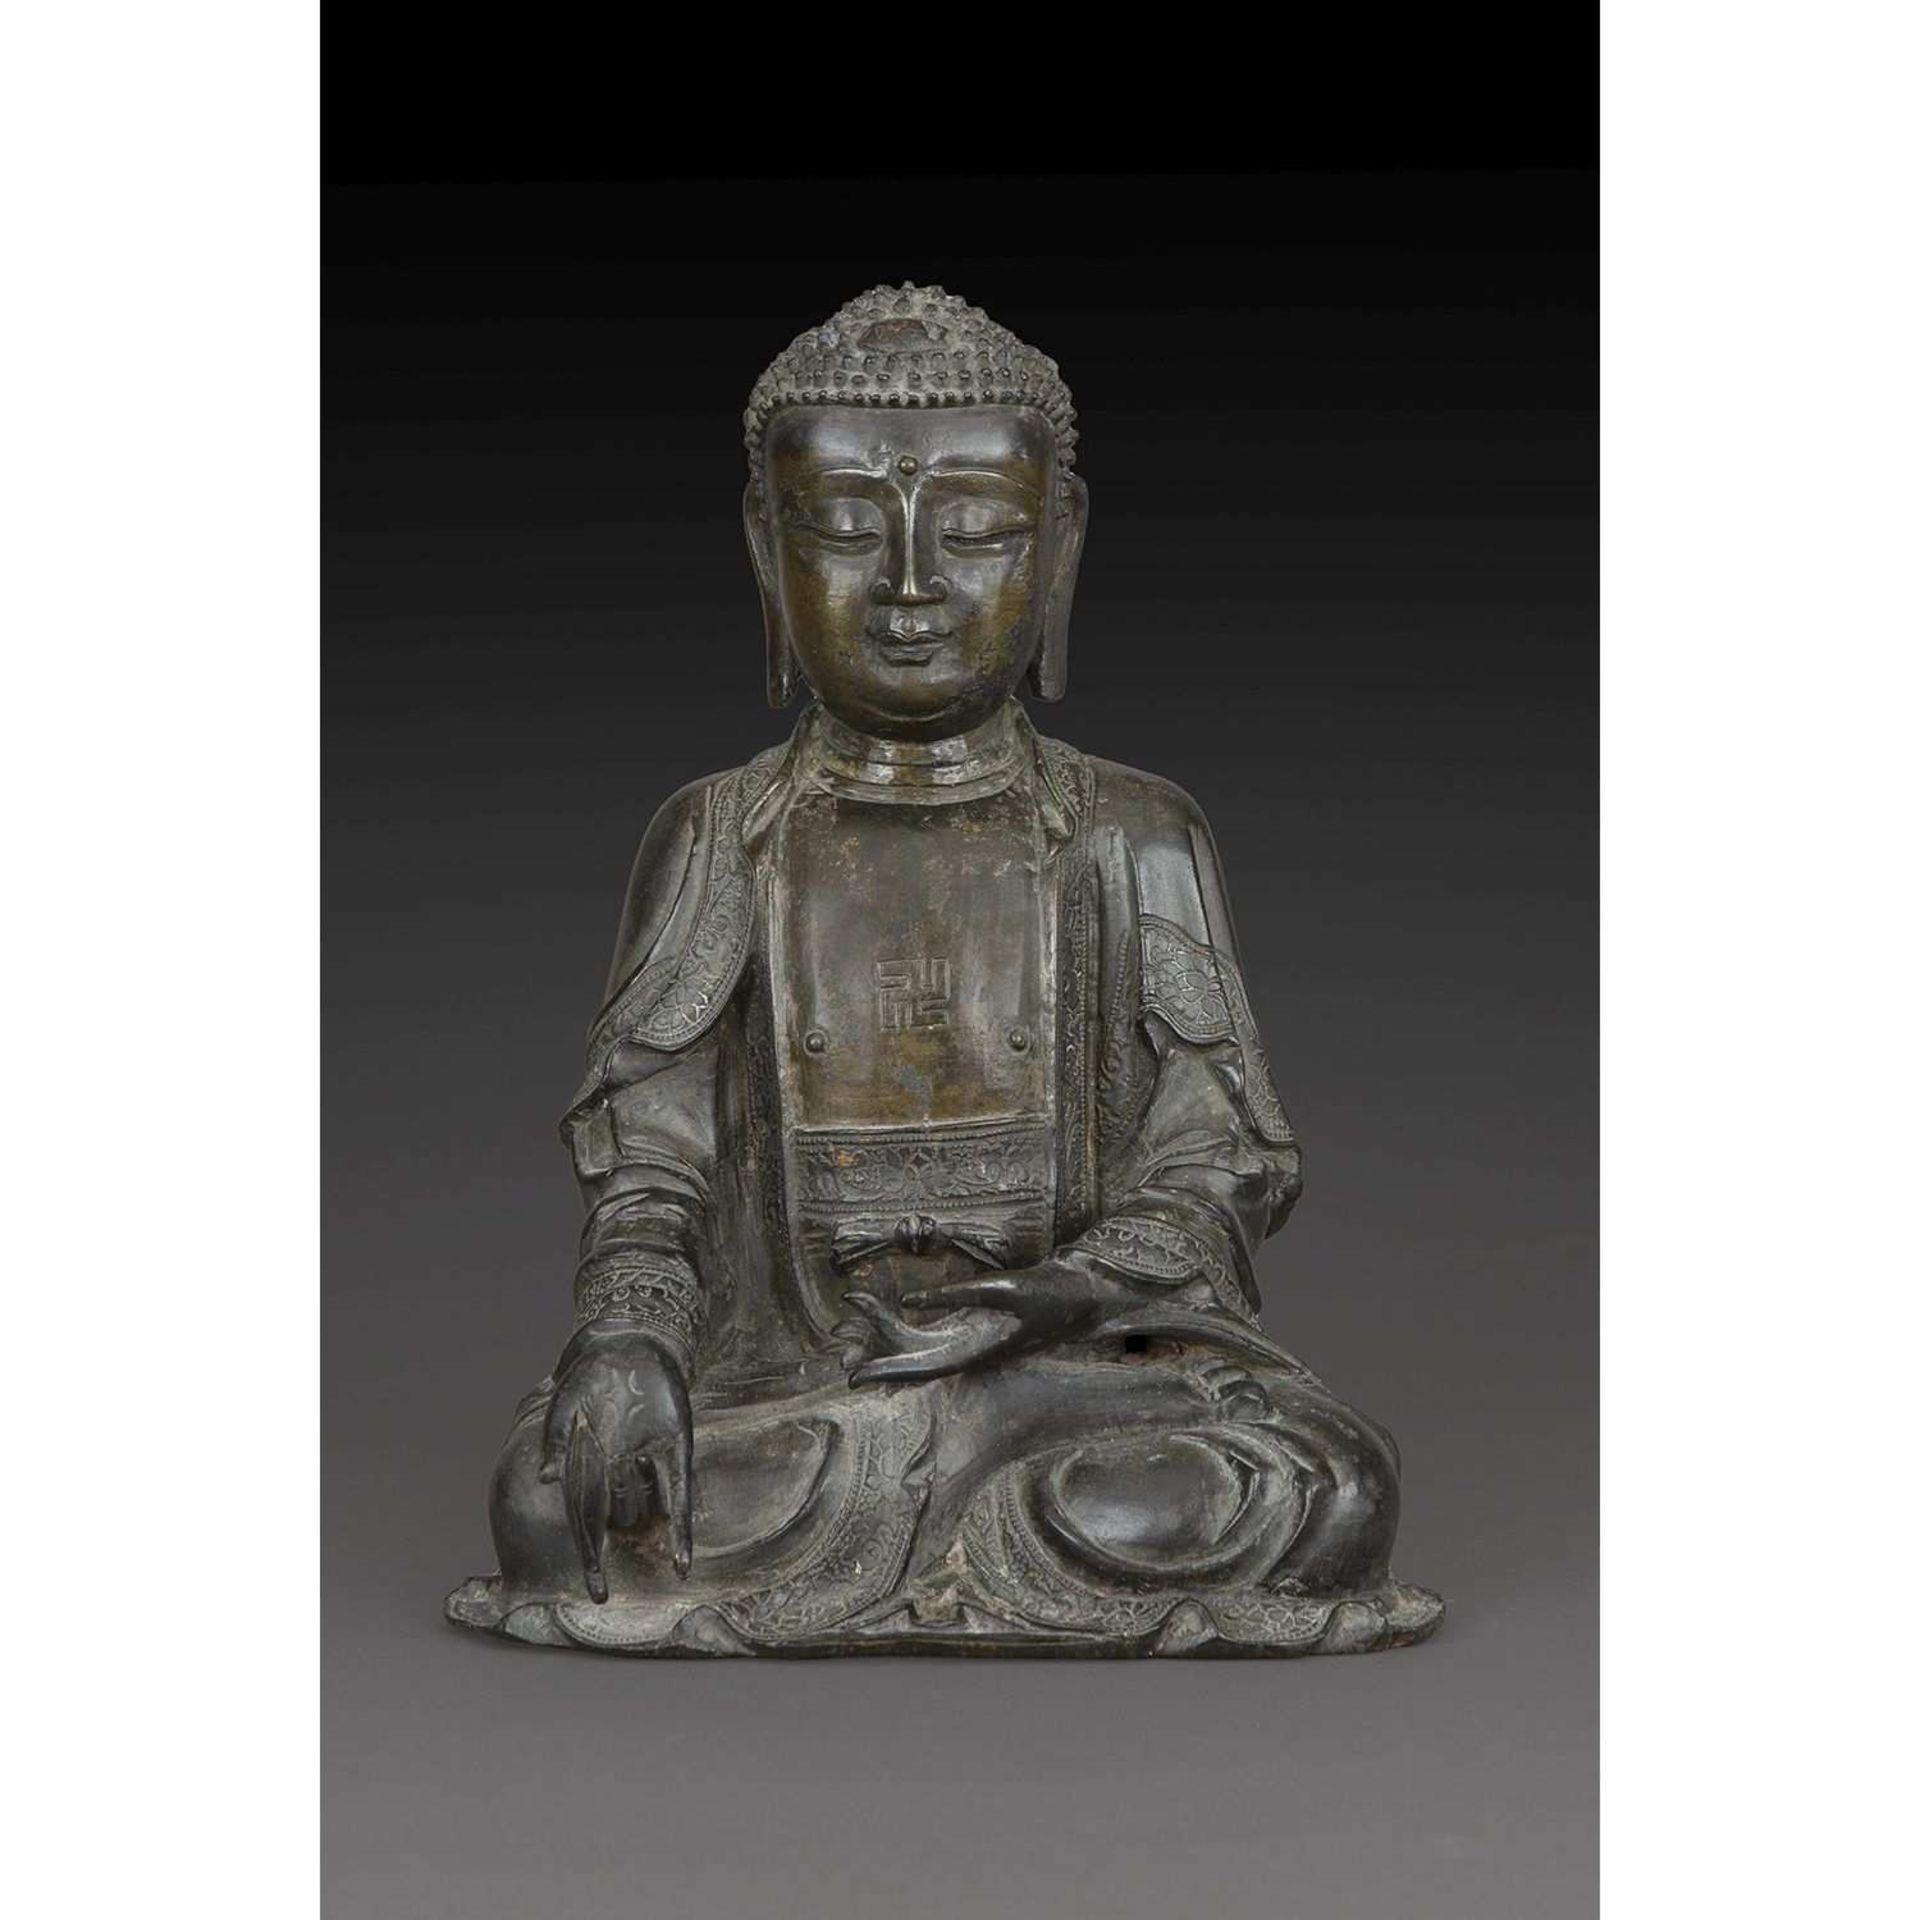 GRANDE STATUETTE DU BOUDDHA SHAKYAMUNI en bronze, représenté assis en dhyanasana, les mains en